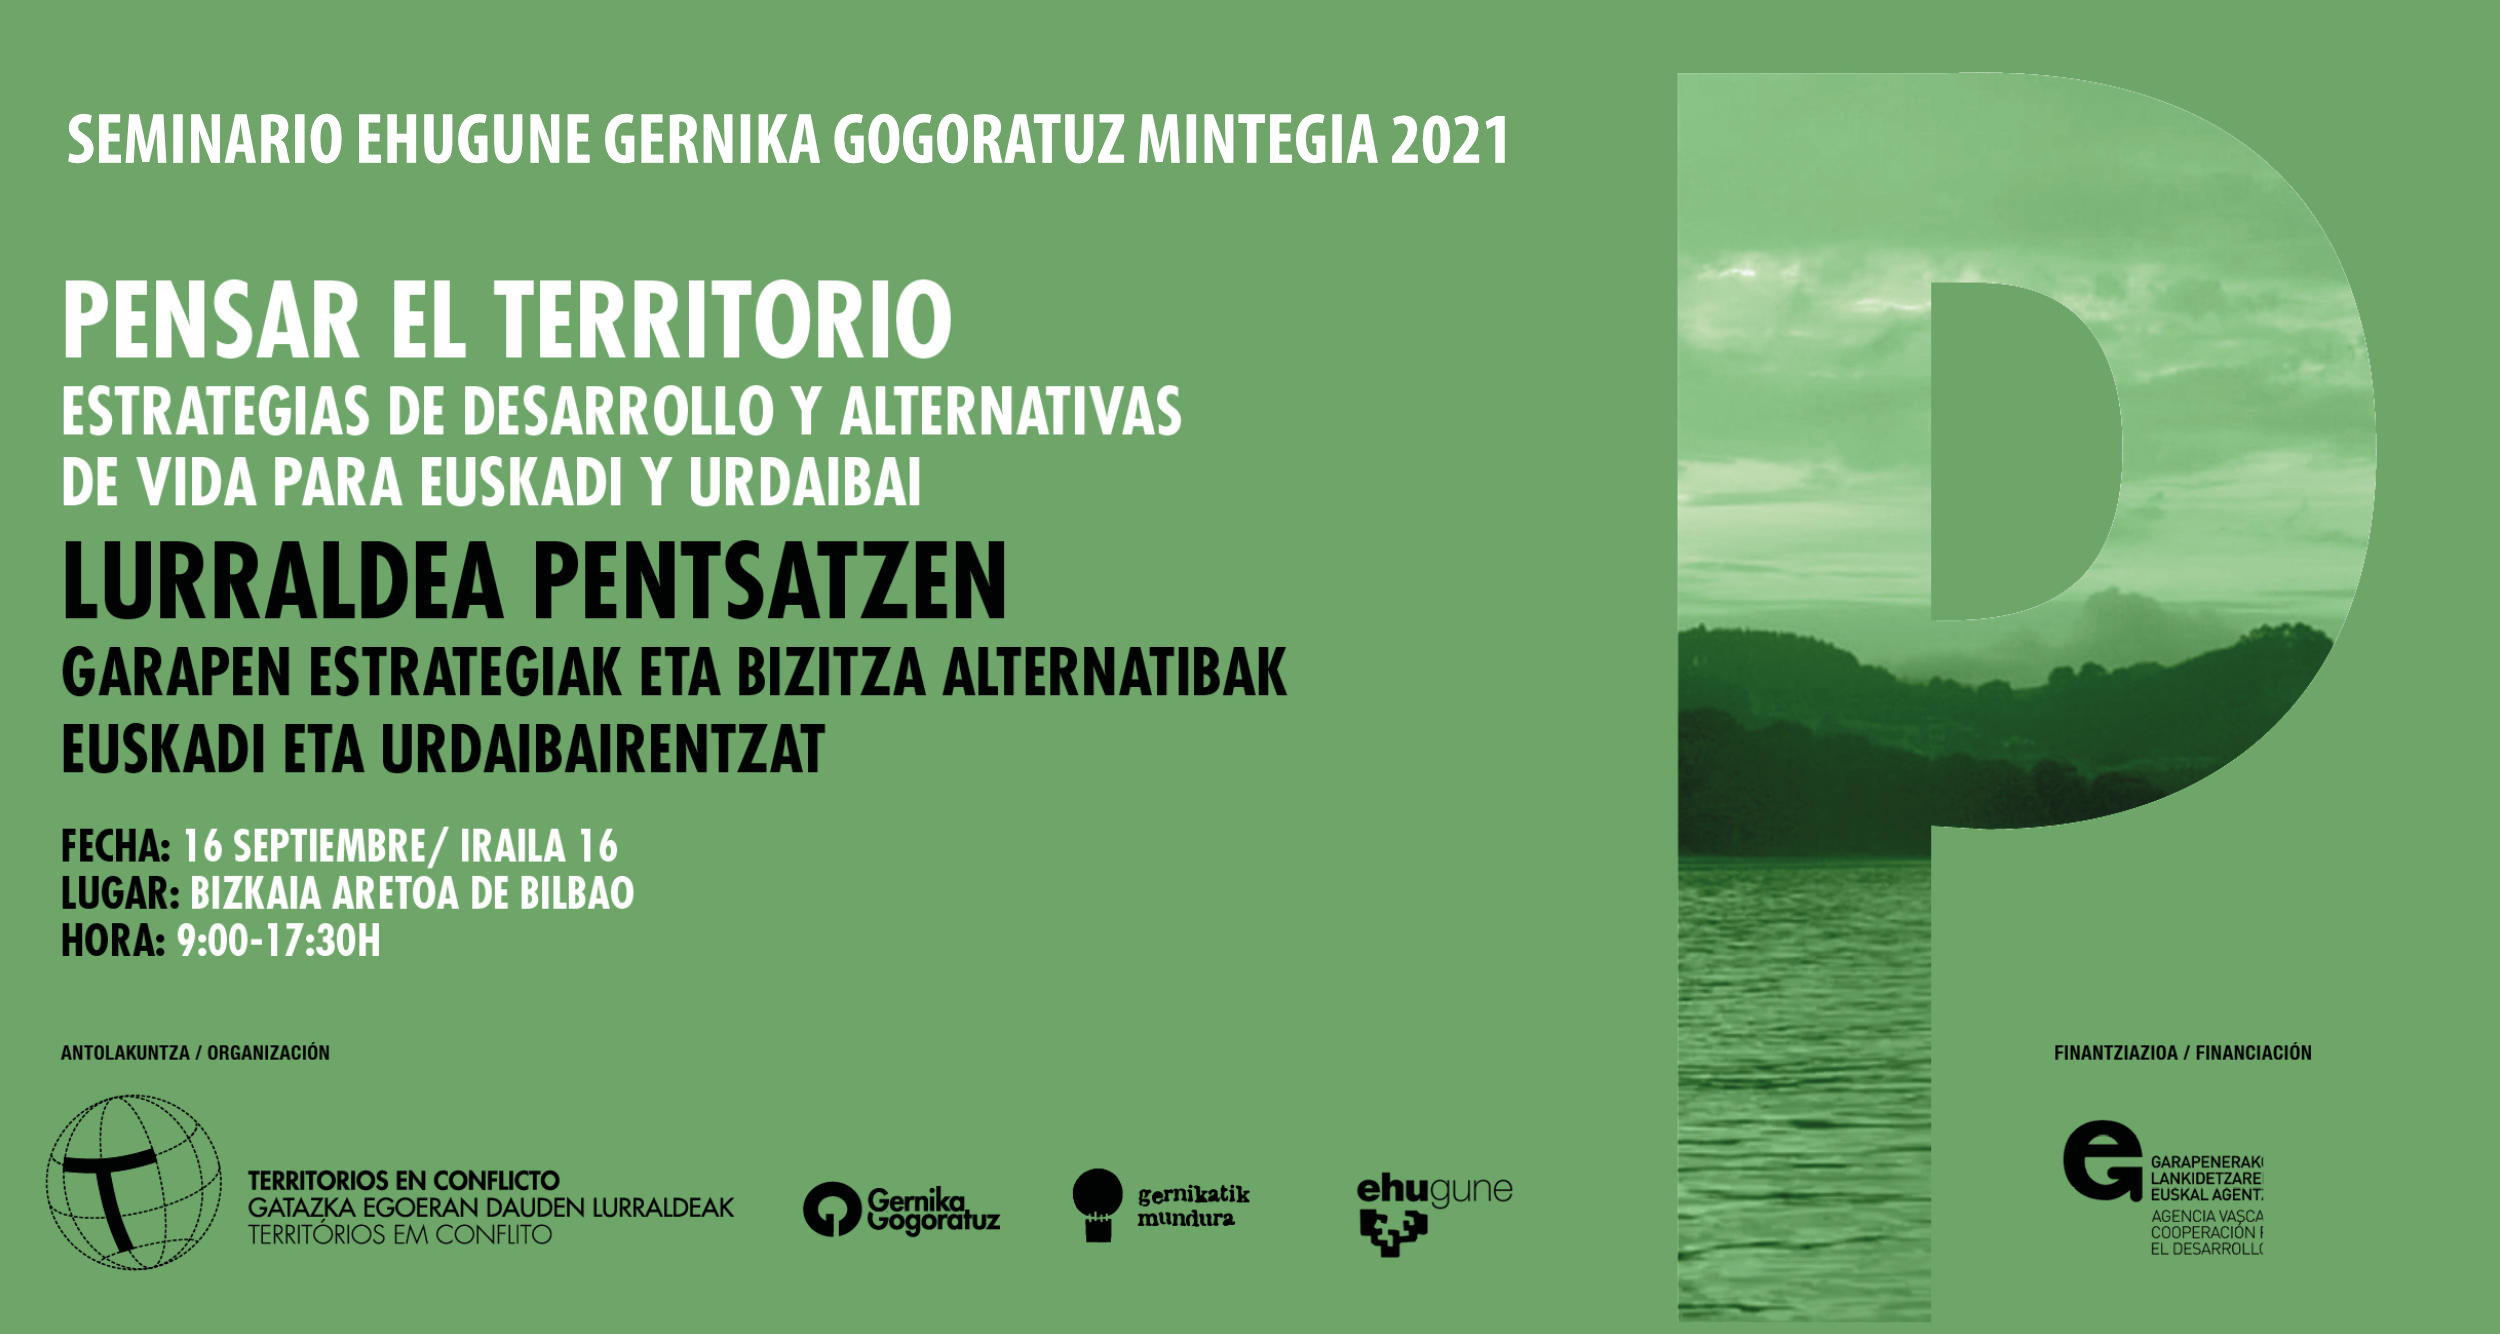 seminario ehugune Gernika Gogoratuz